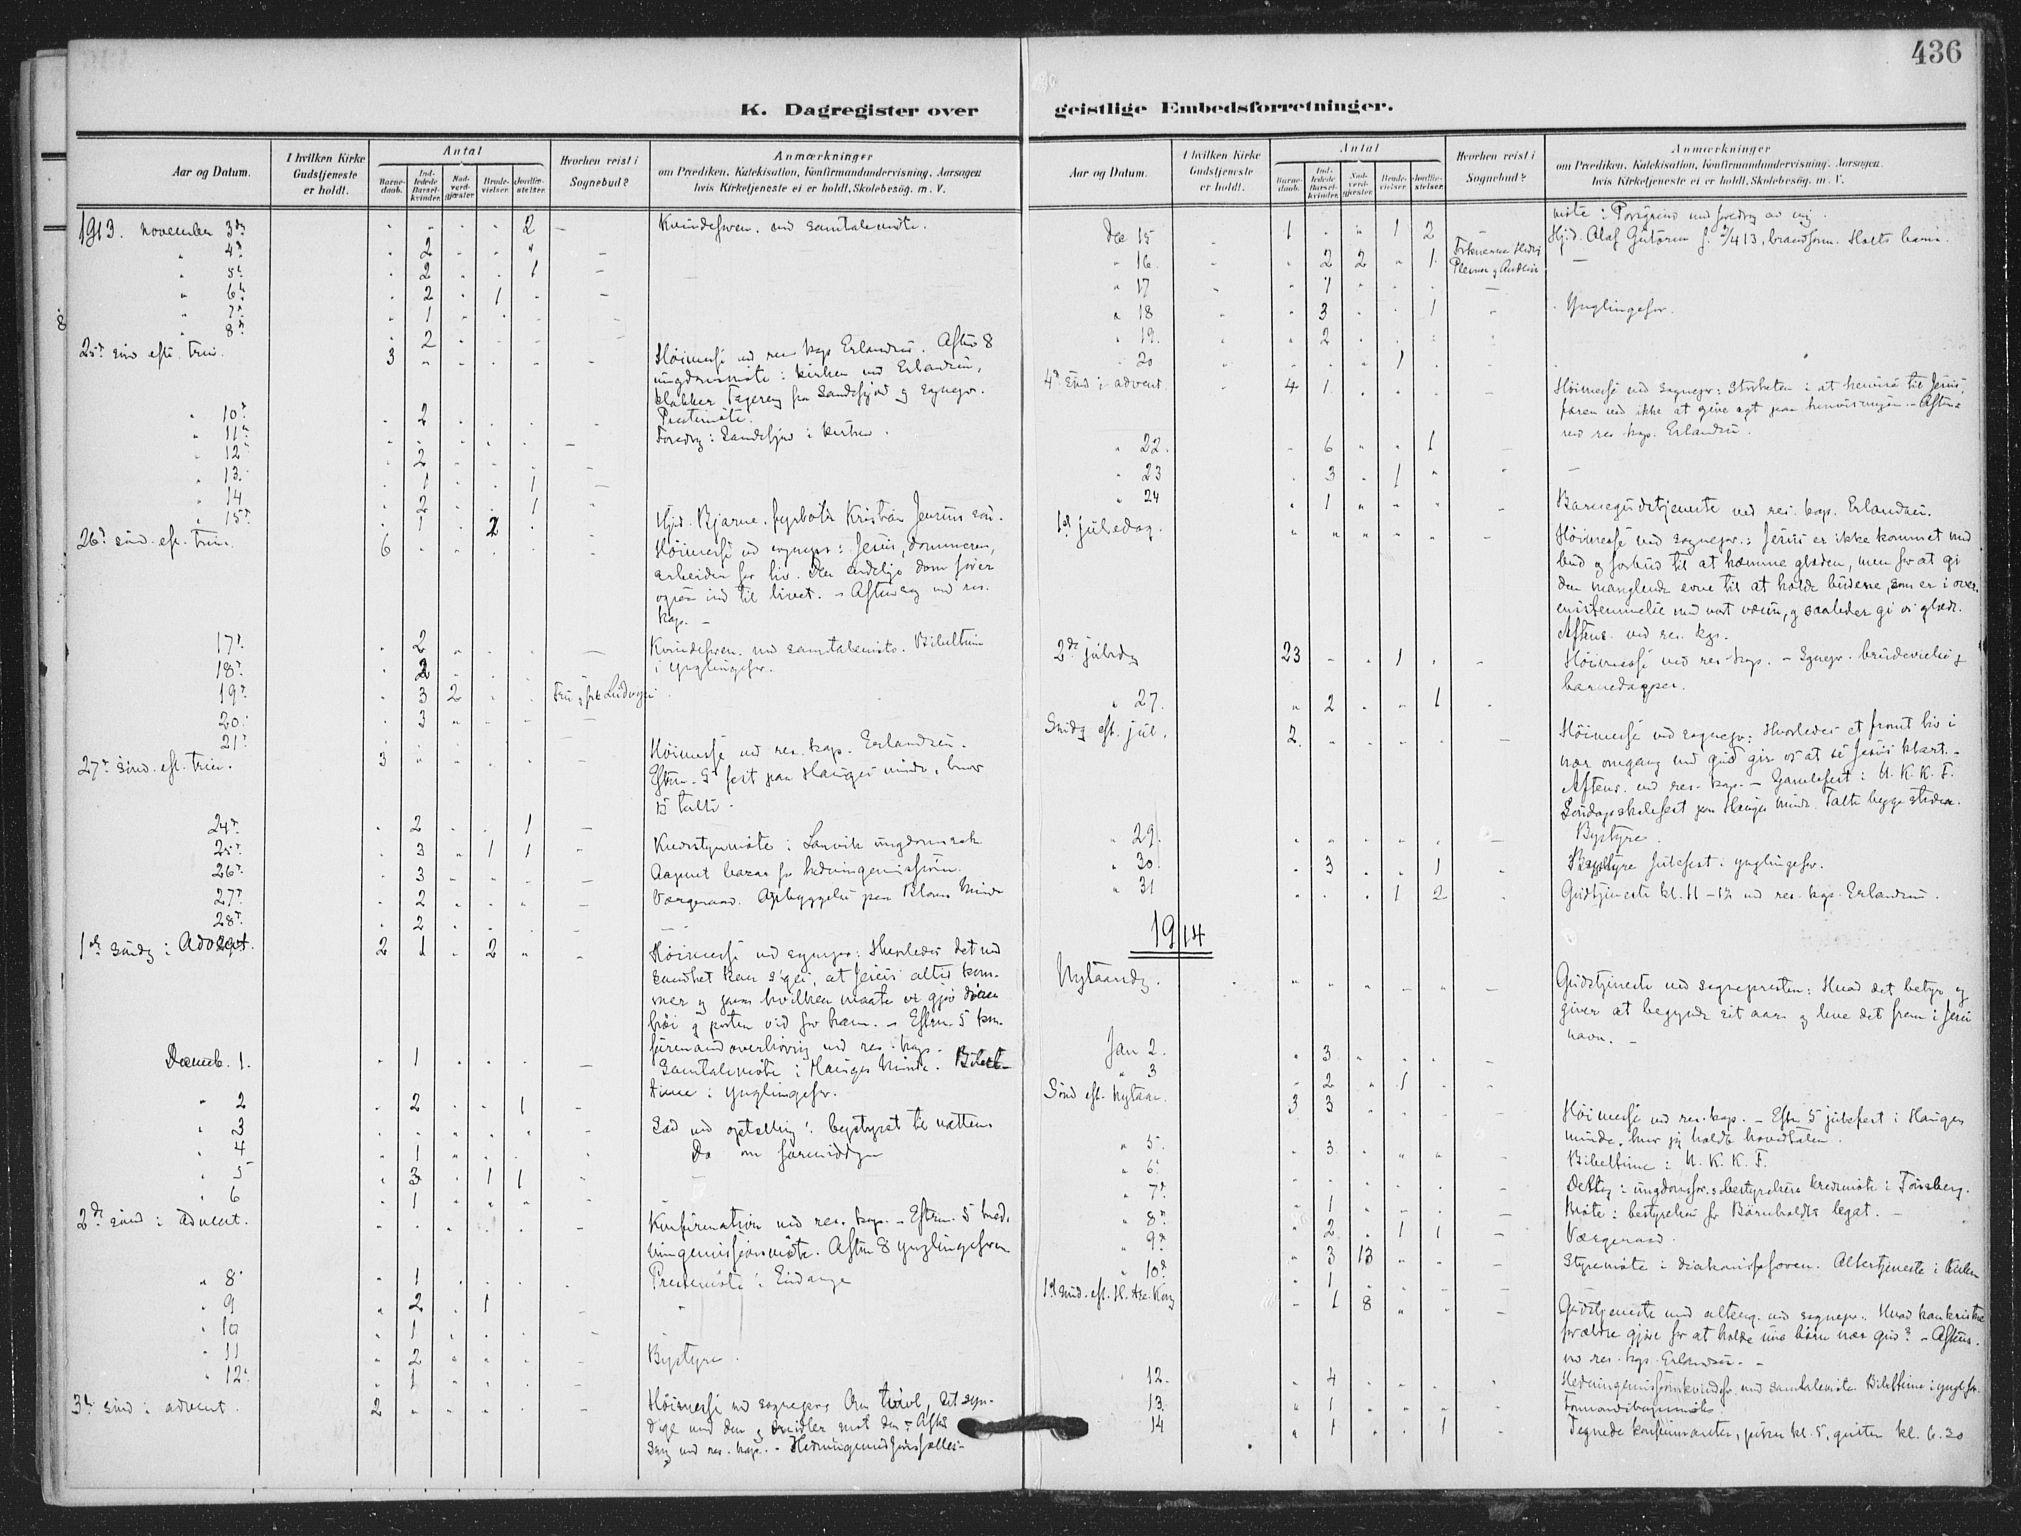 SAKO, Skien kirkebøker, F/Fa/L0012: Ministerialbok nr. 12, 1908-1914, s. 436